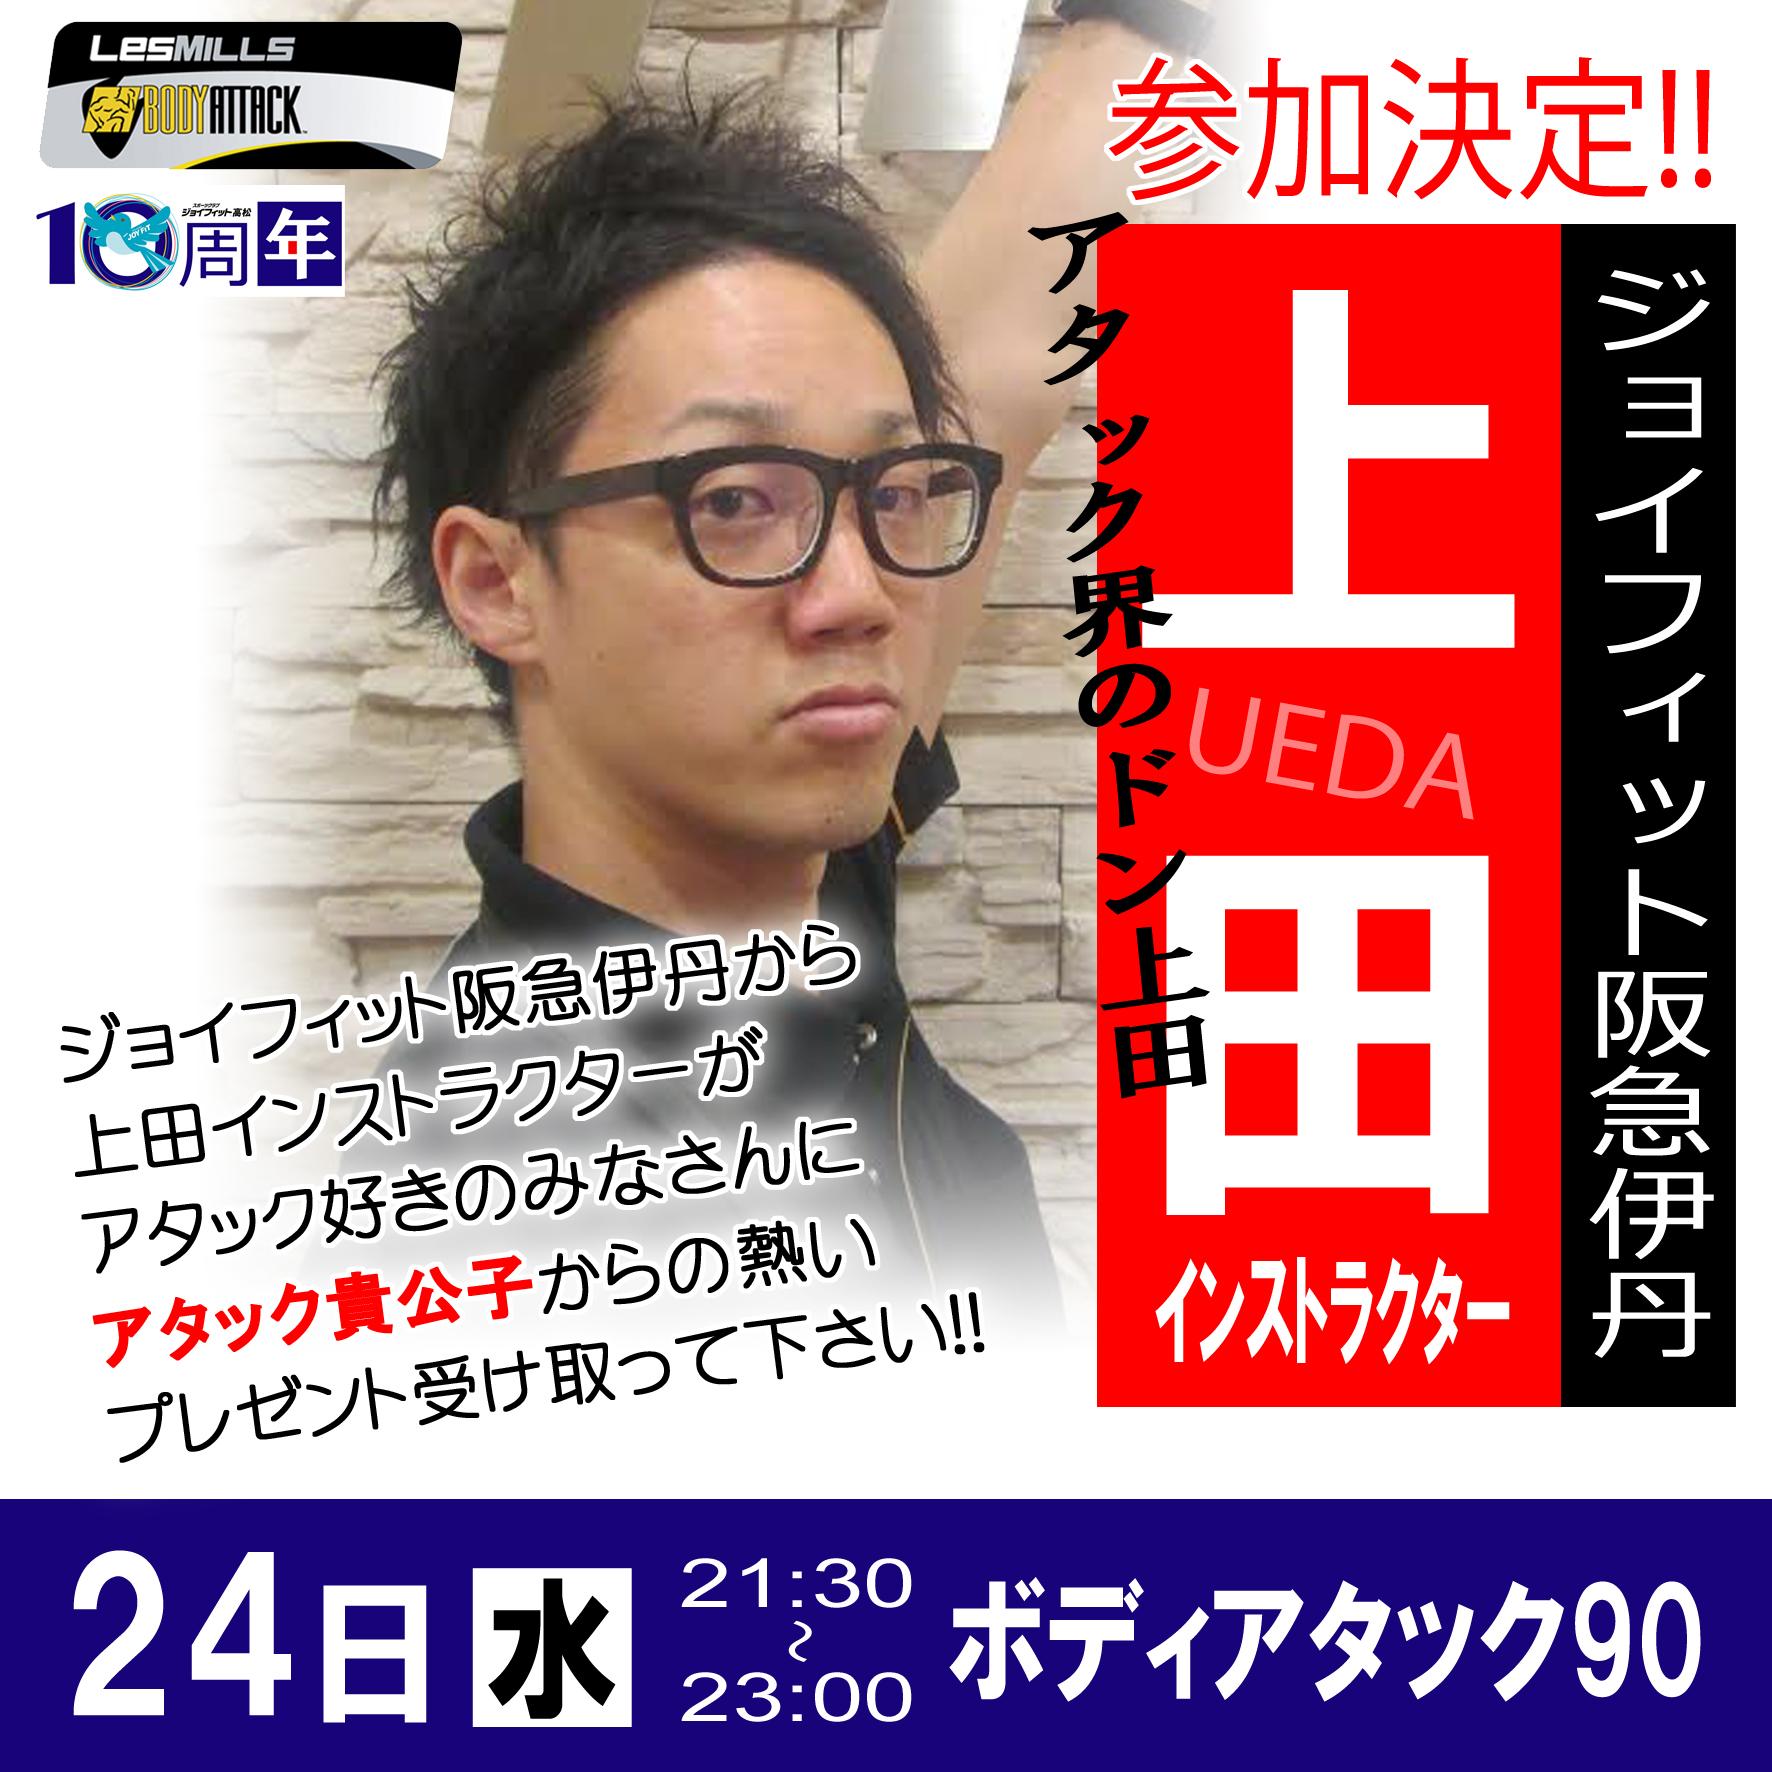 ゲスト上田MG